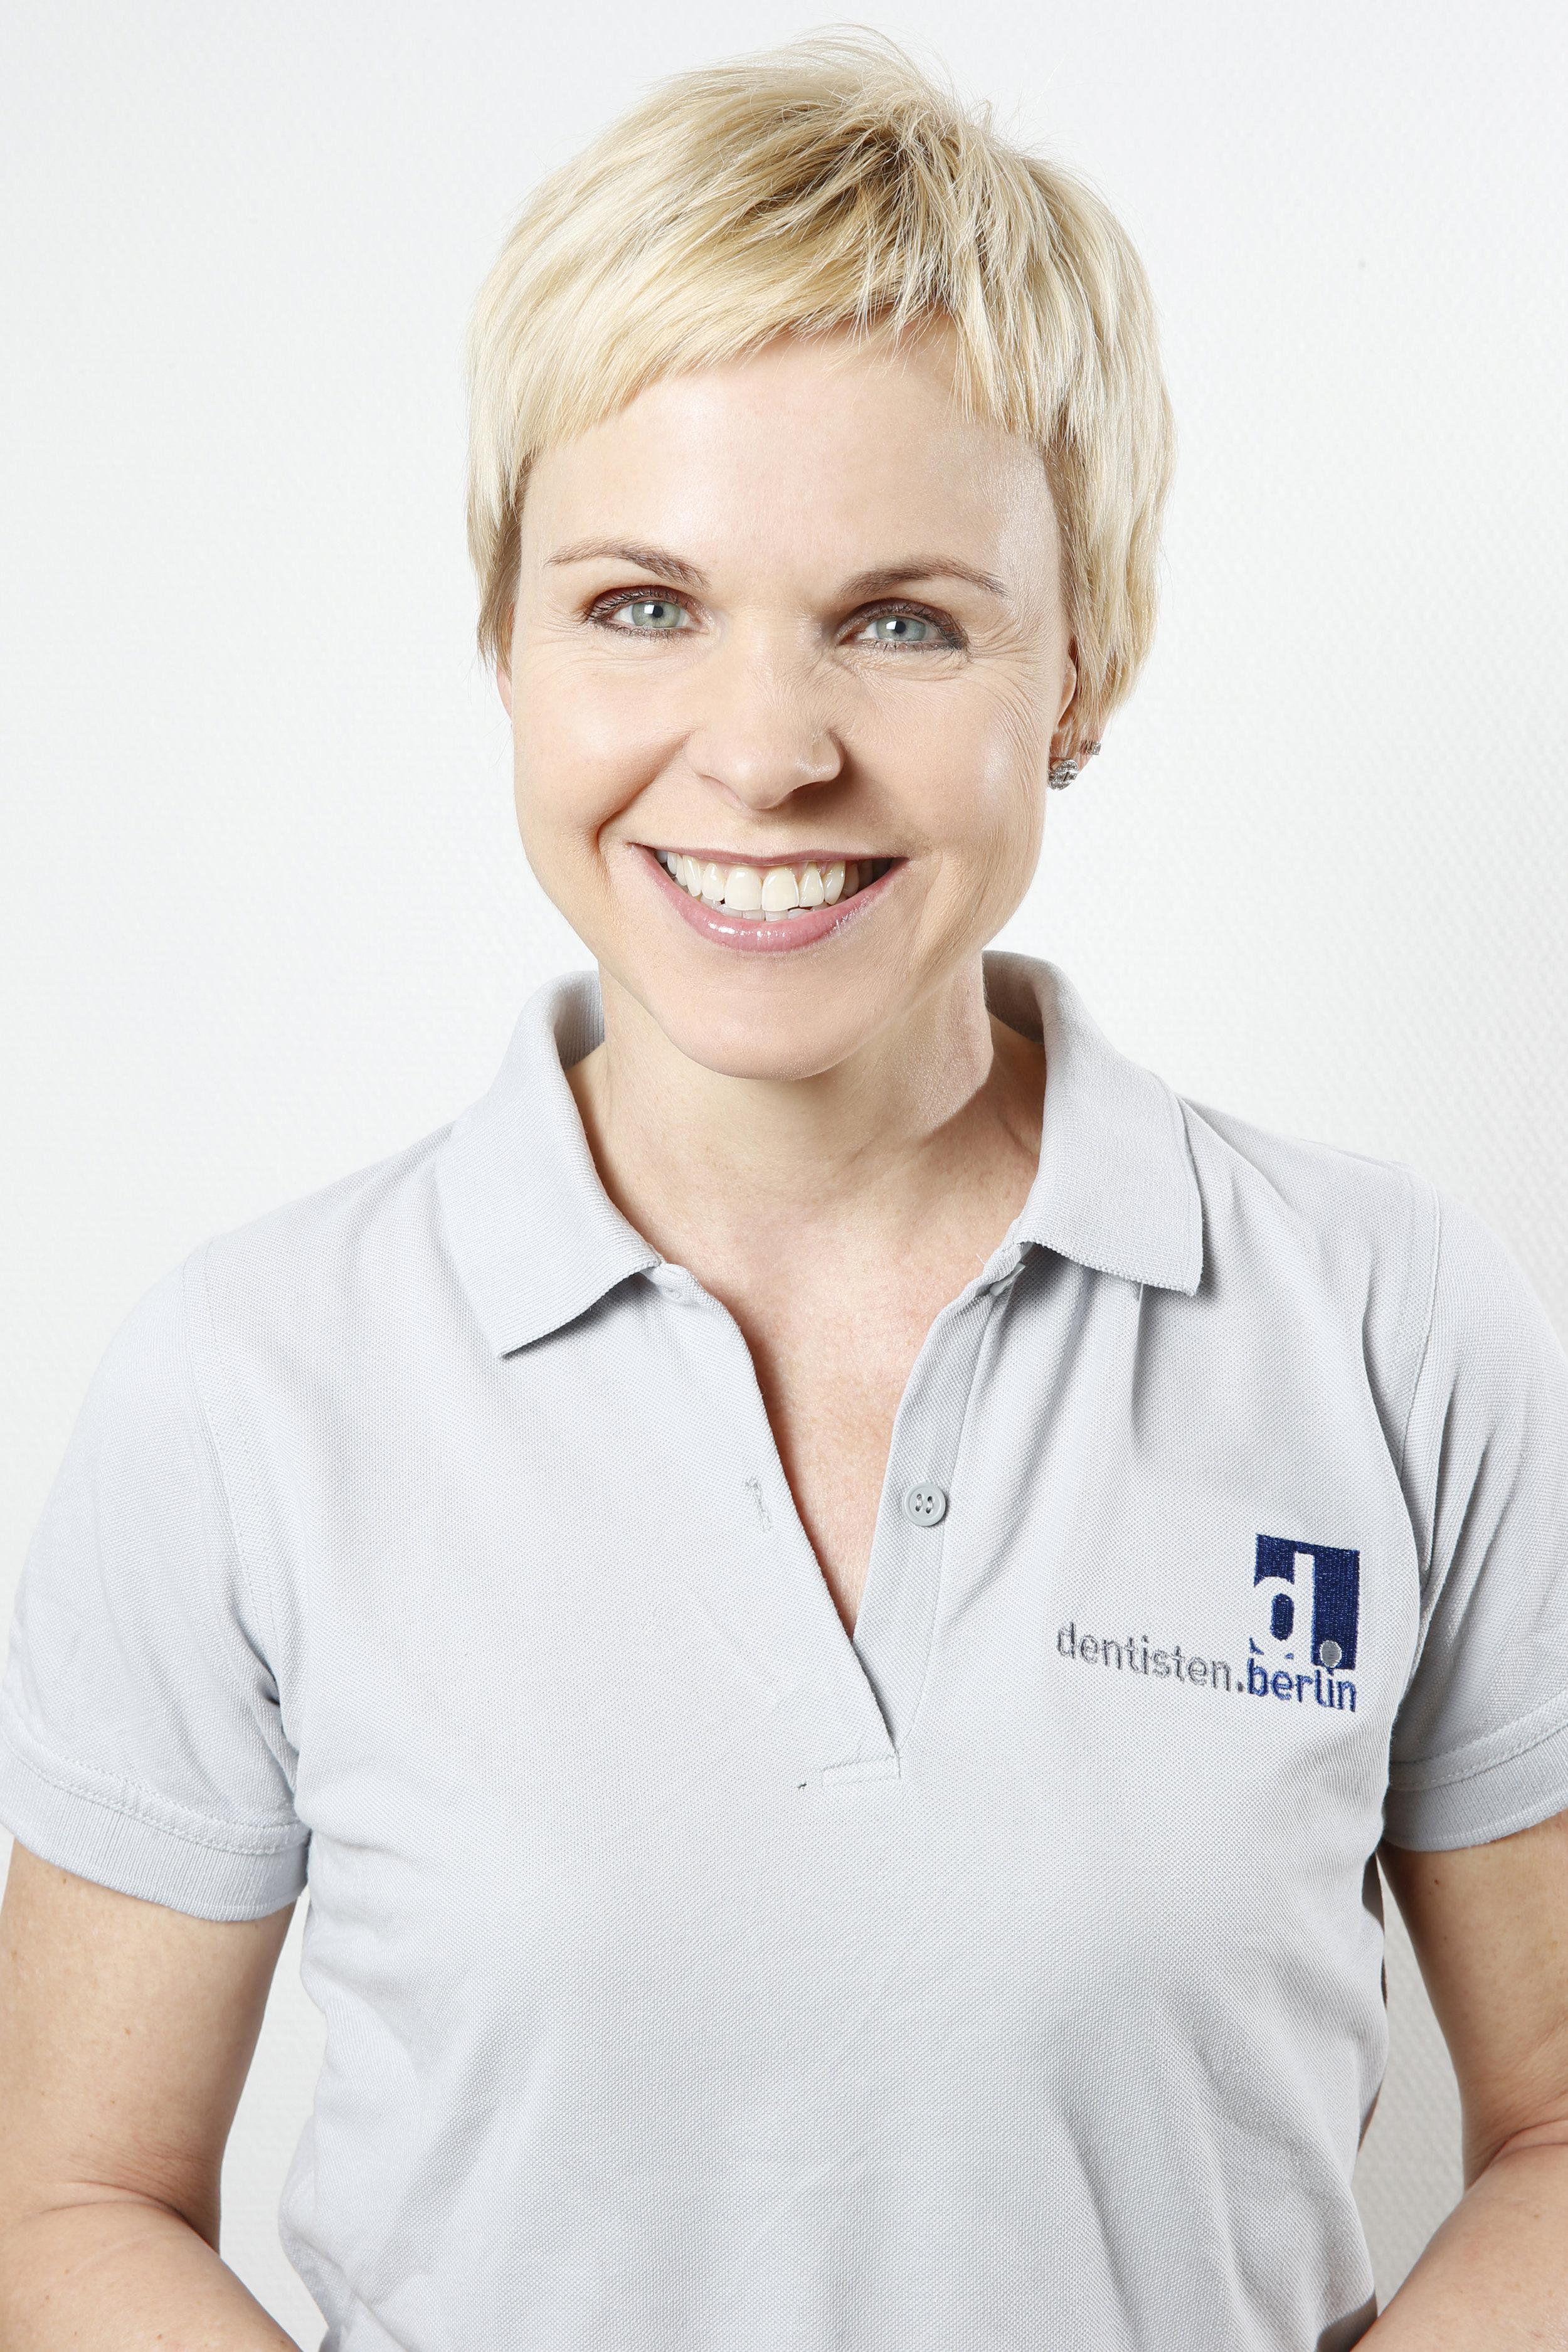 Dr. Patricia Anders - Examen 1990, promoviert 1993, ist von Beginn an mit in der Praxis dabei. Neben allen anderen Fachgebieten besonders konservierend und parodontologisch tätig. Erfahrene CEREC-Anwenderin für die Versorgung mit vollkeramischen Restaurationen.